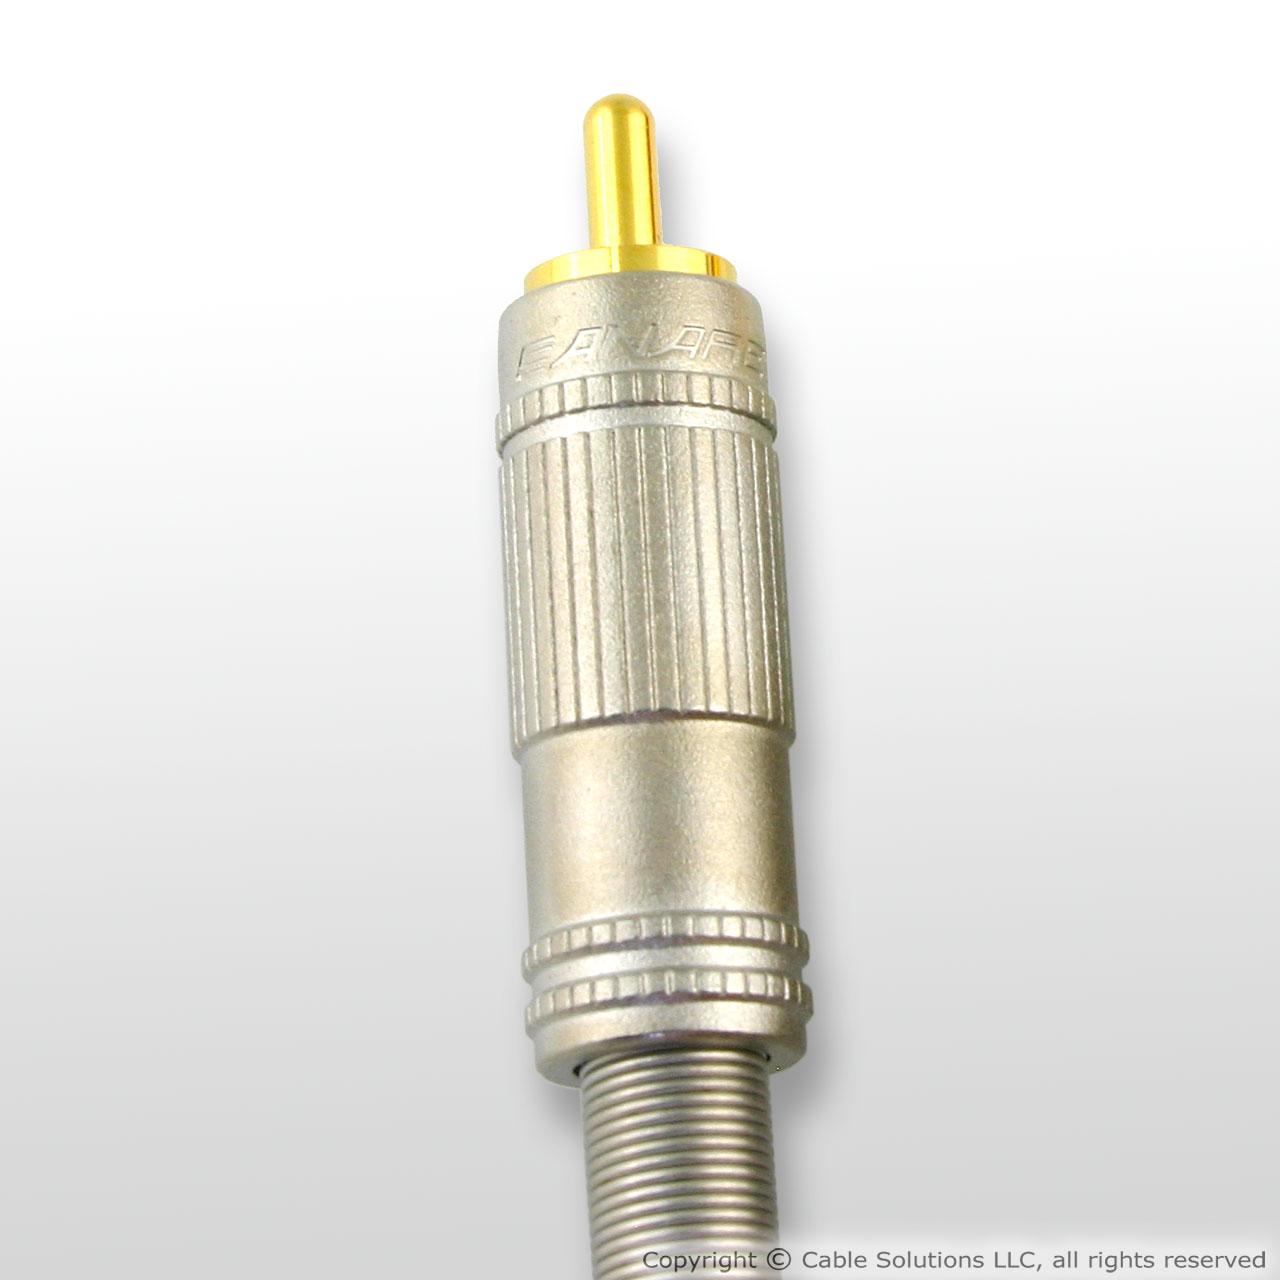 Canare F-09 Narrow Profile RCA Plug-by Canare